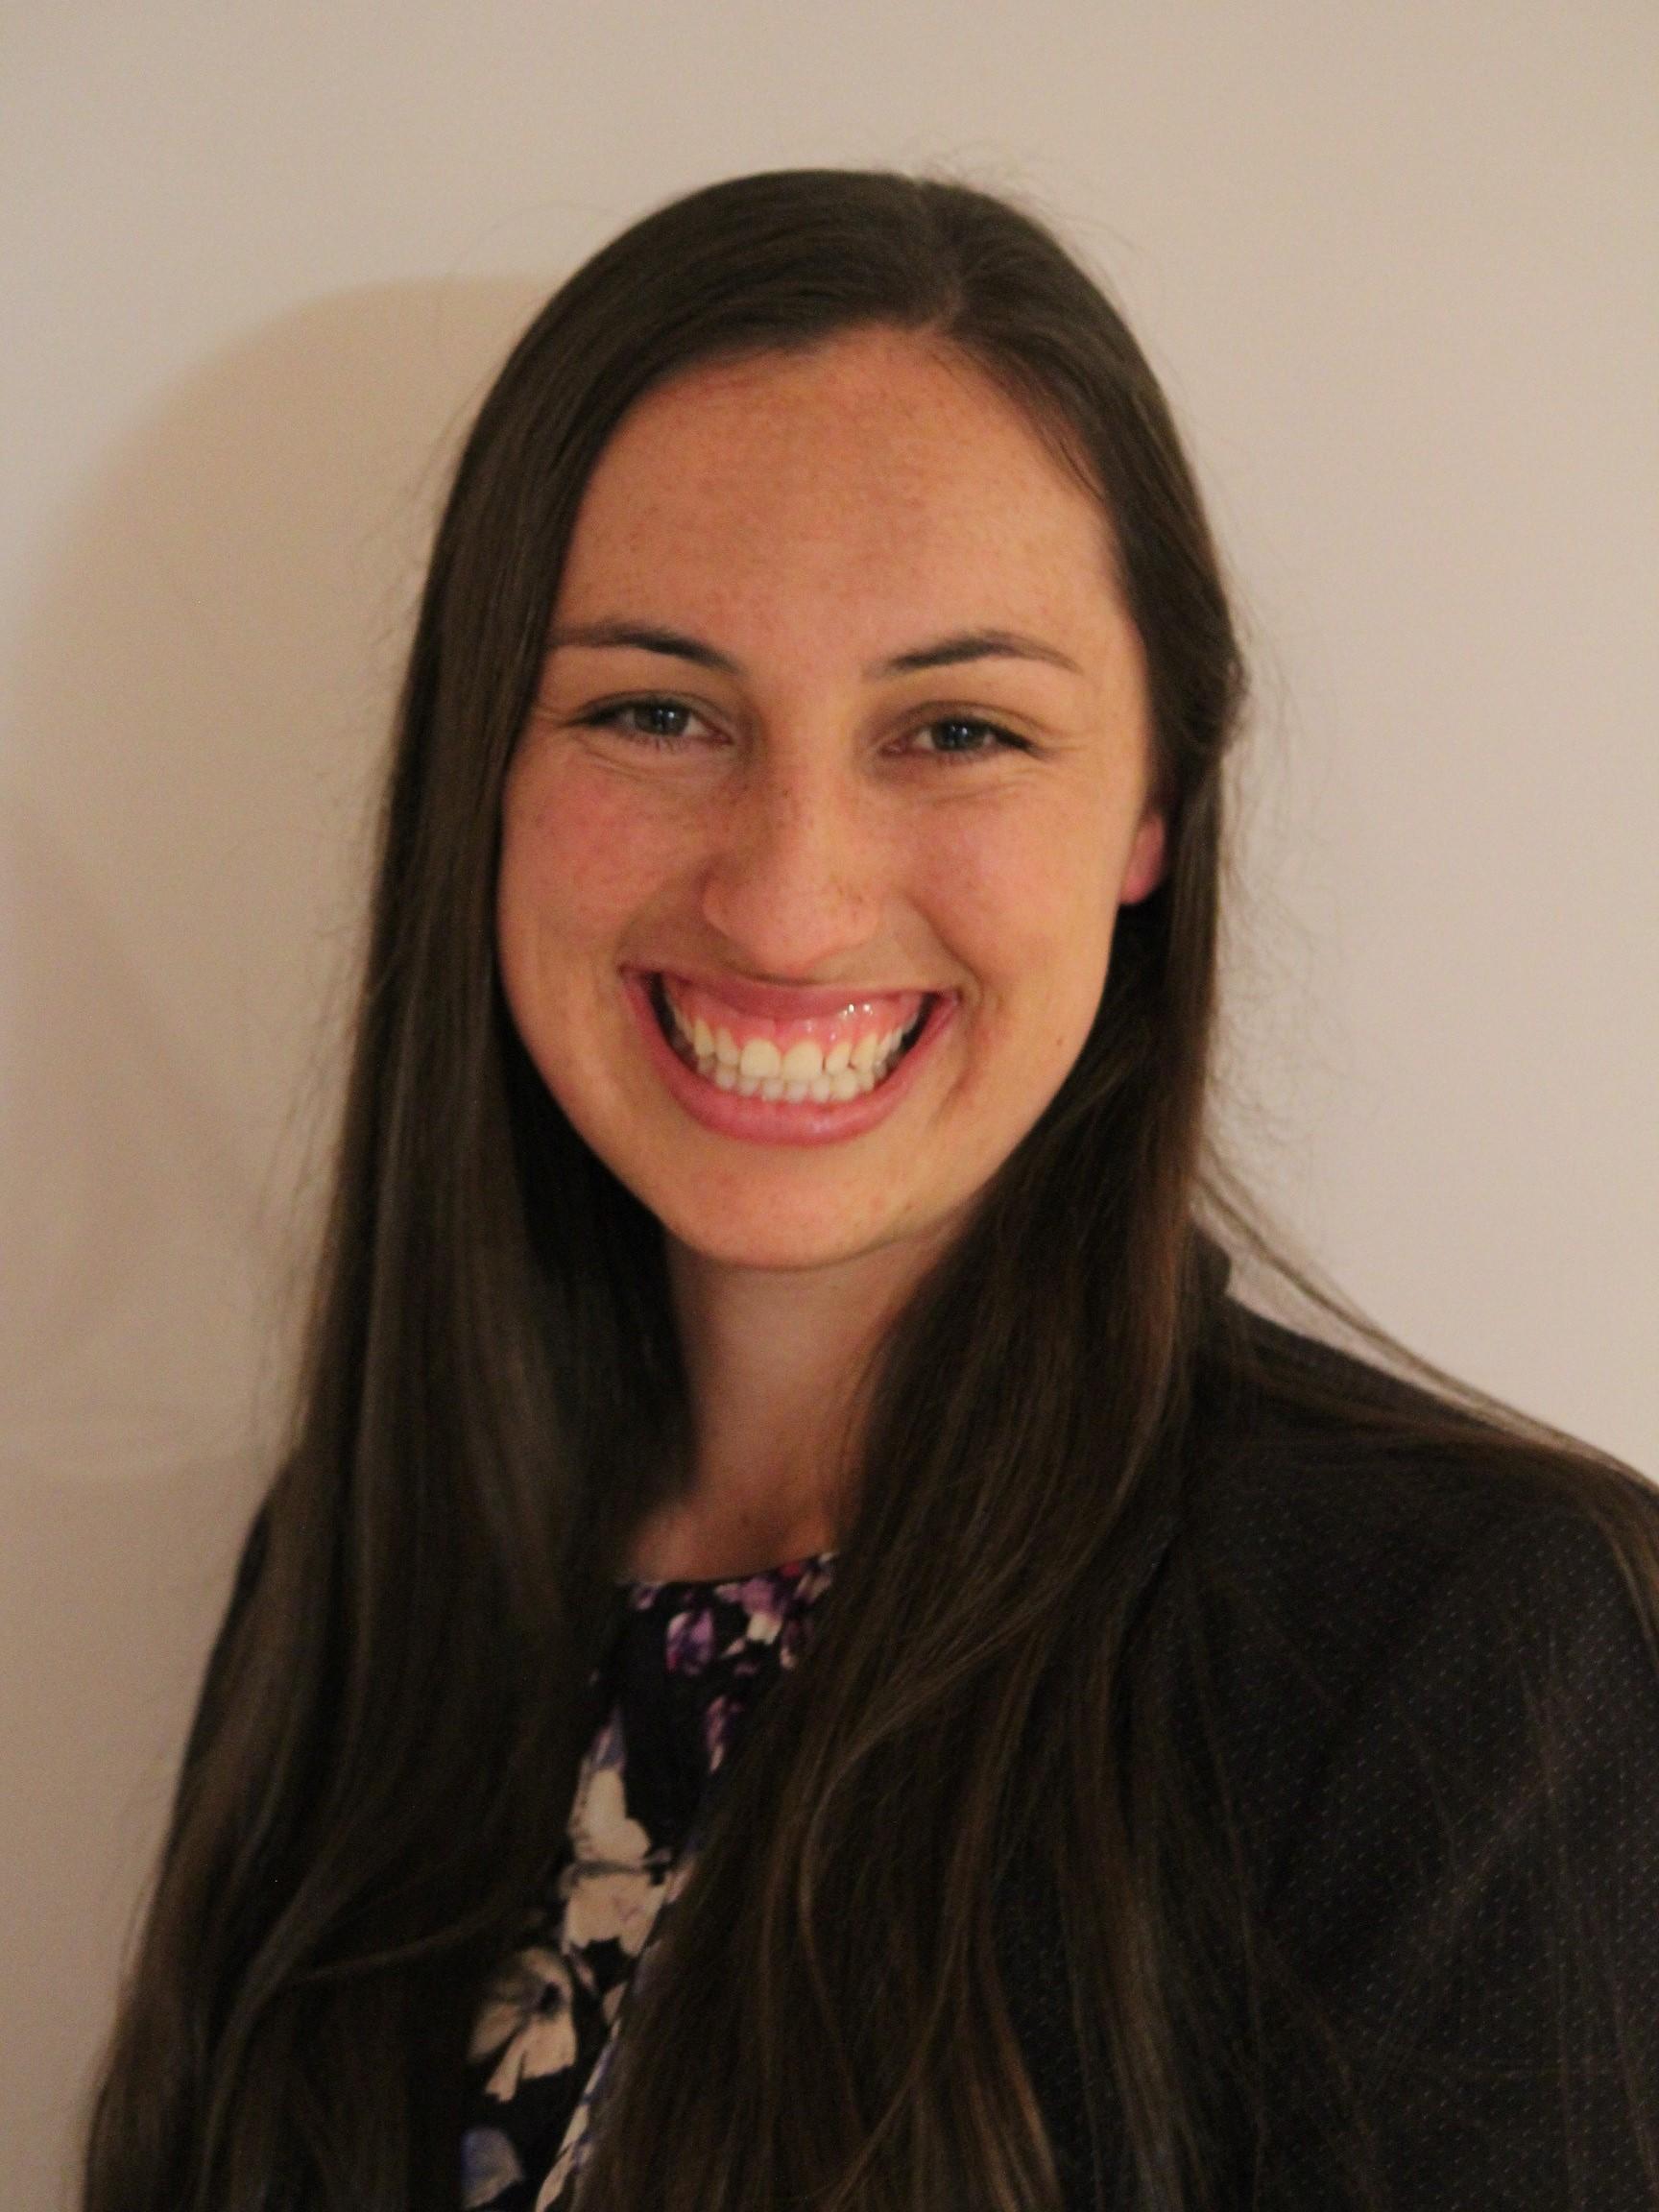 Sarah Grixti